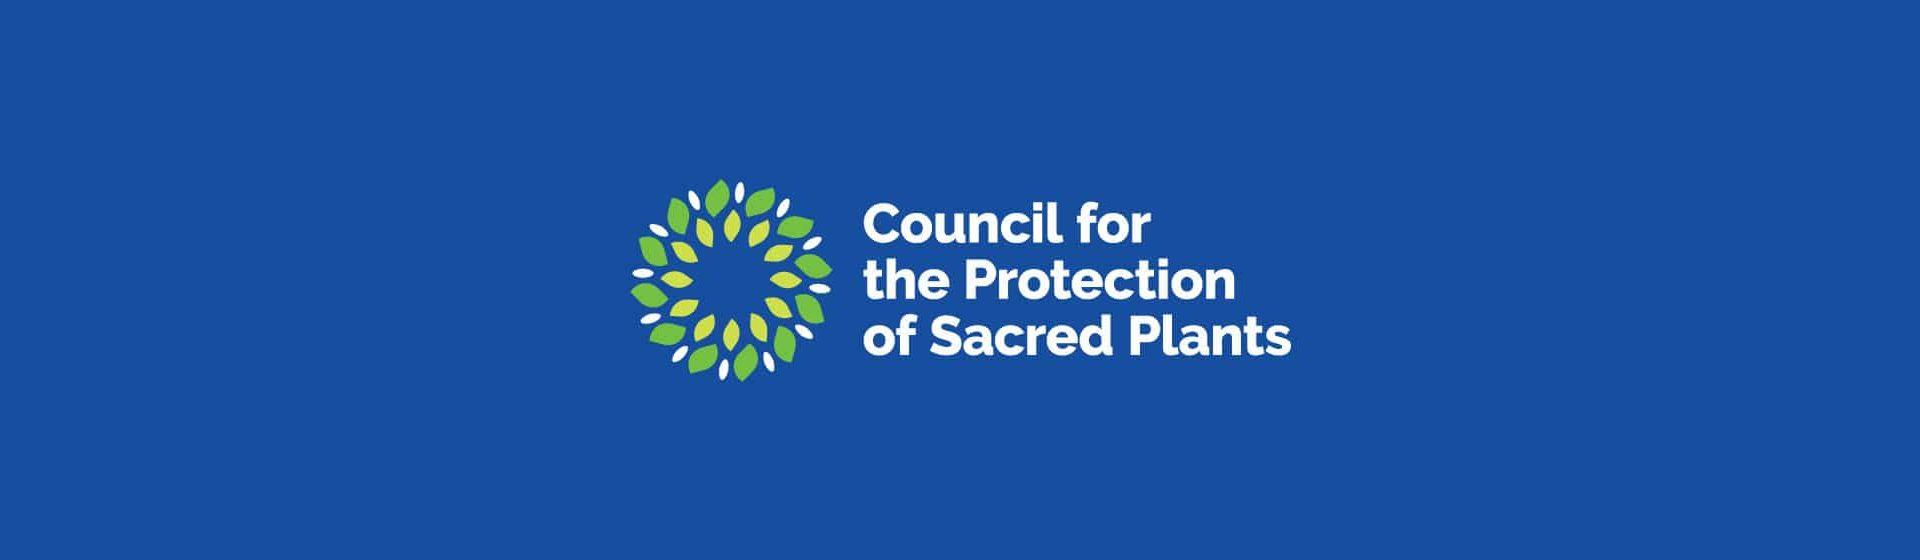 CPSP-logo-banner-new-logo